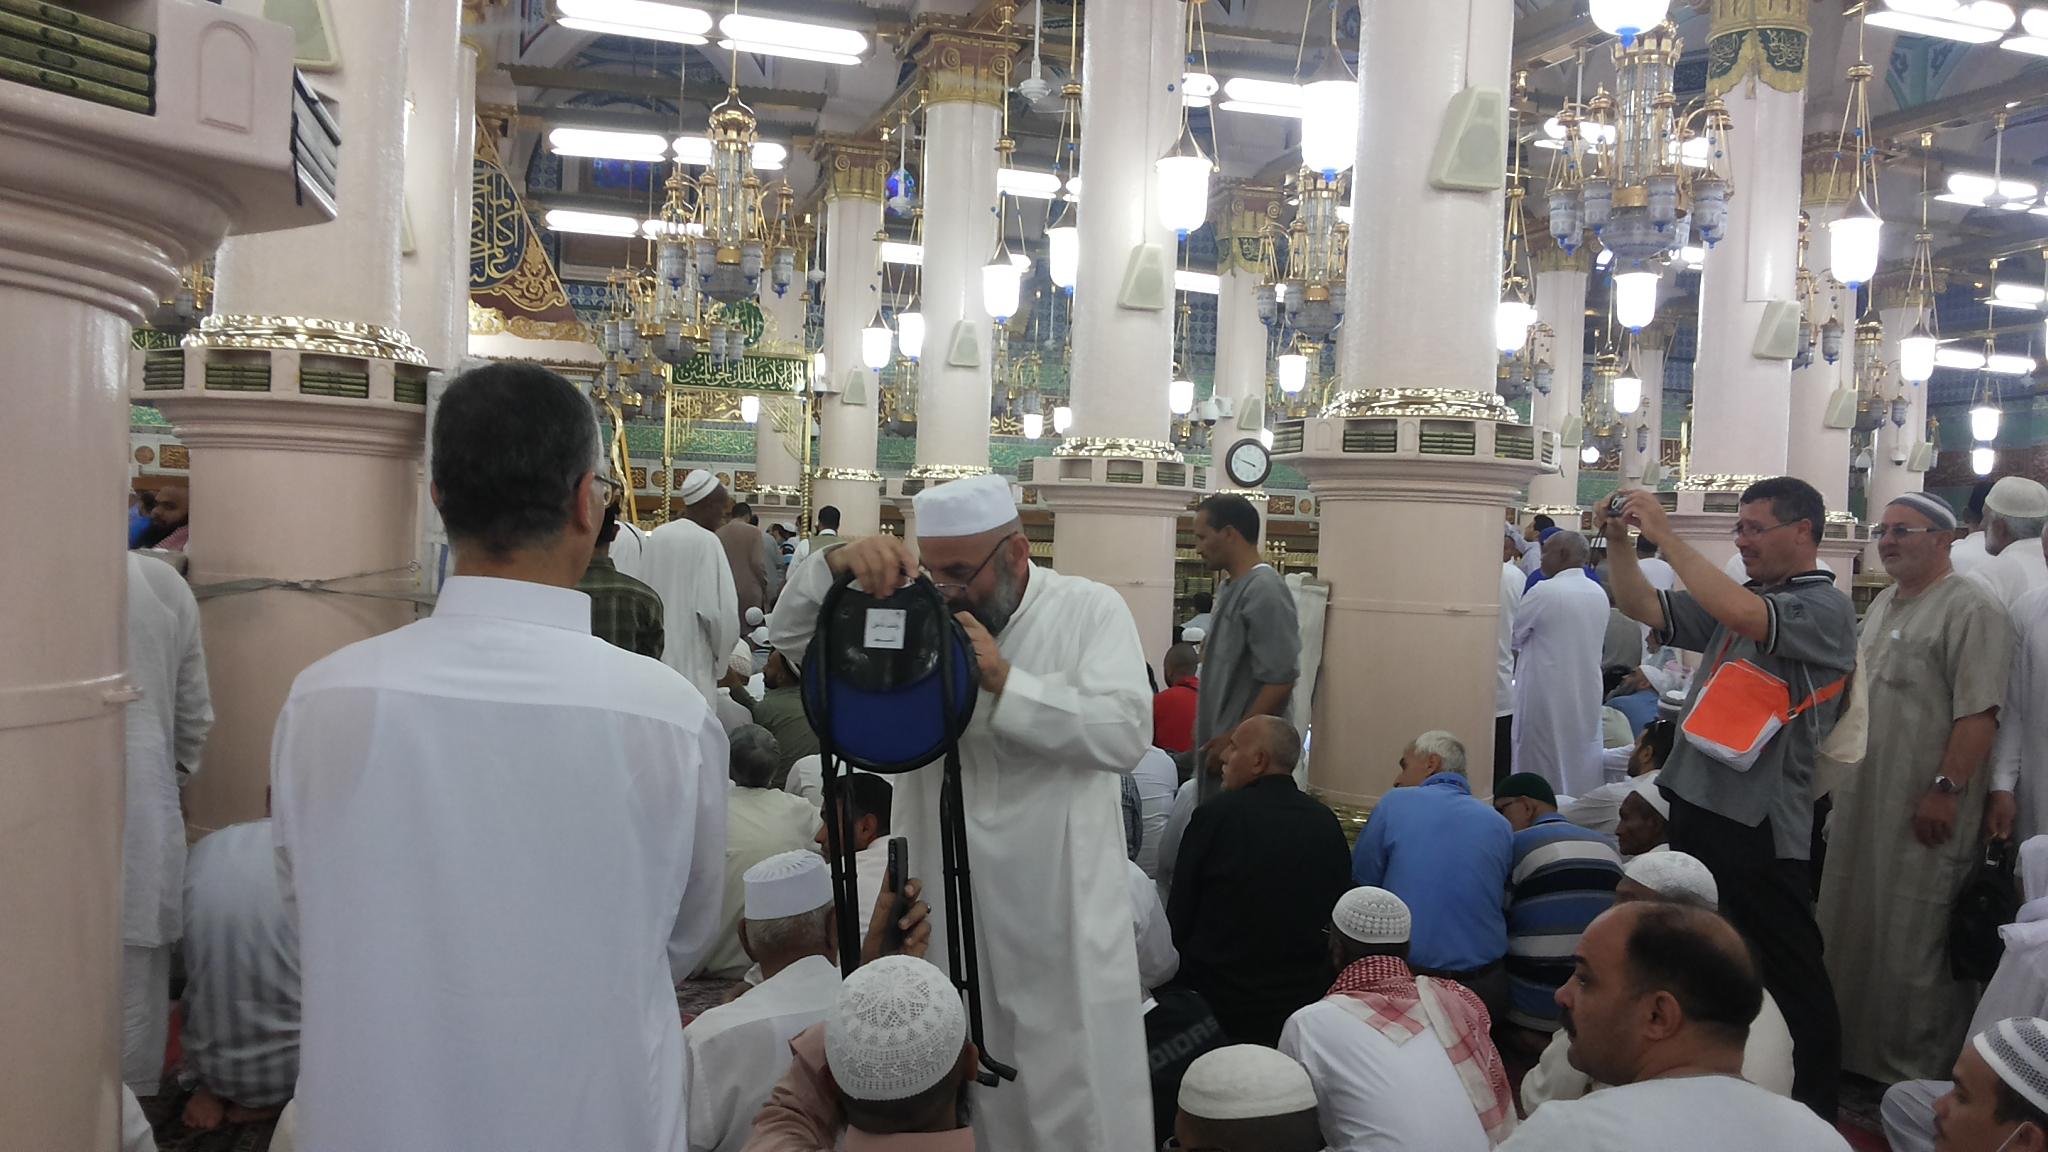 Eko Kusnurhadi Keutamaan Membaca Surat Al-Kahfi Malam Jumat sesuai Tuntunan Sunnah Nabi